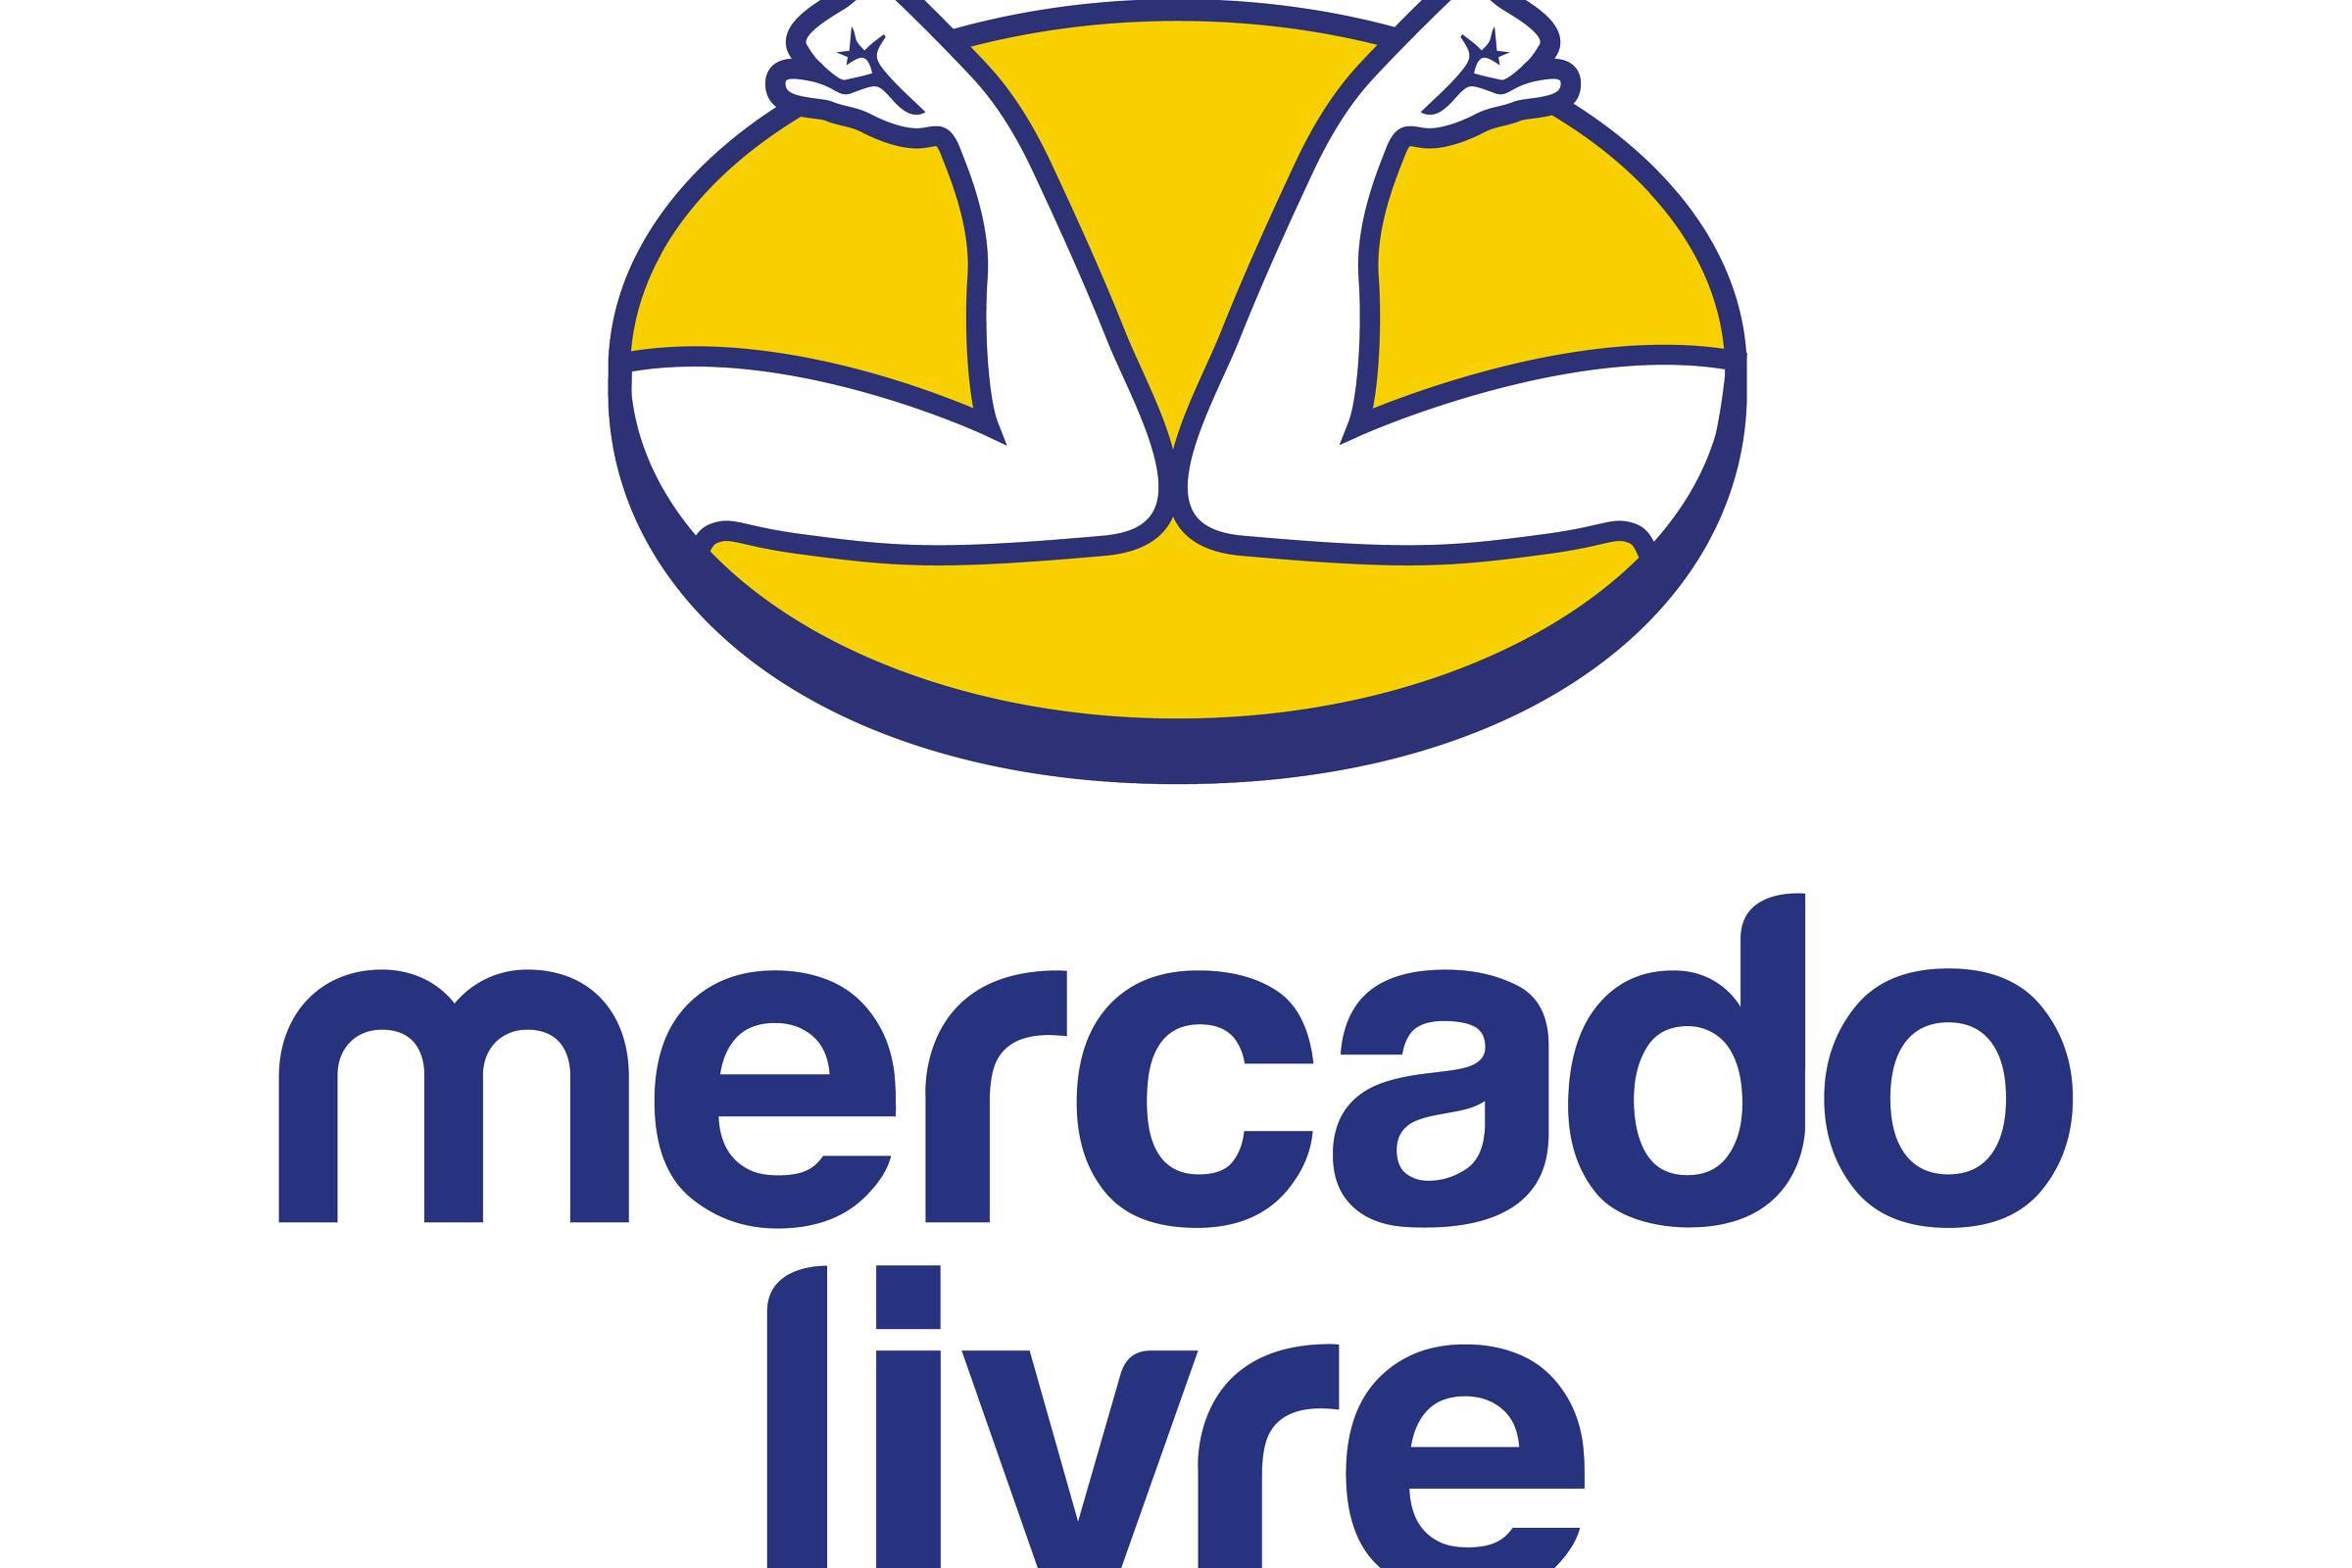 Mercado Livre troca logomarca de mãos dadas por toque de cotovelos -  17/03/2020 - Painel S.A. - Folha